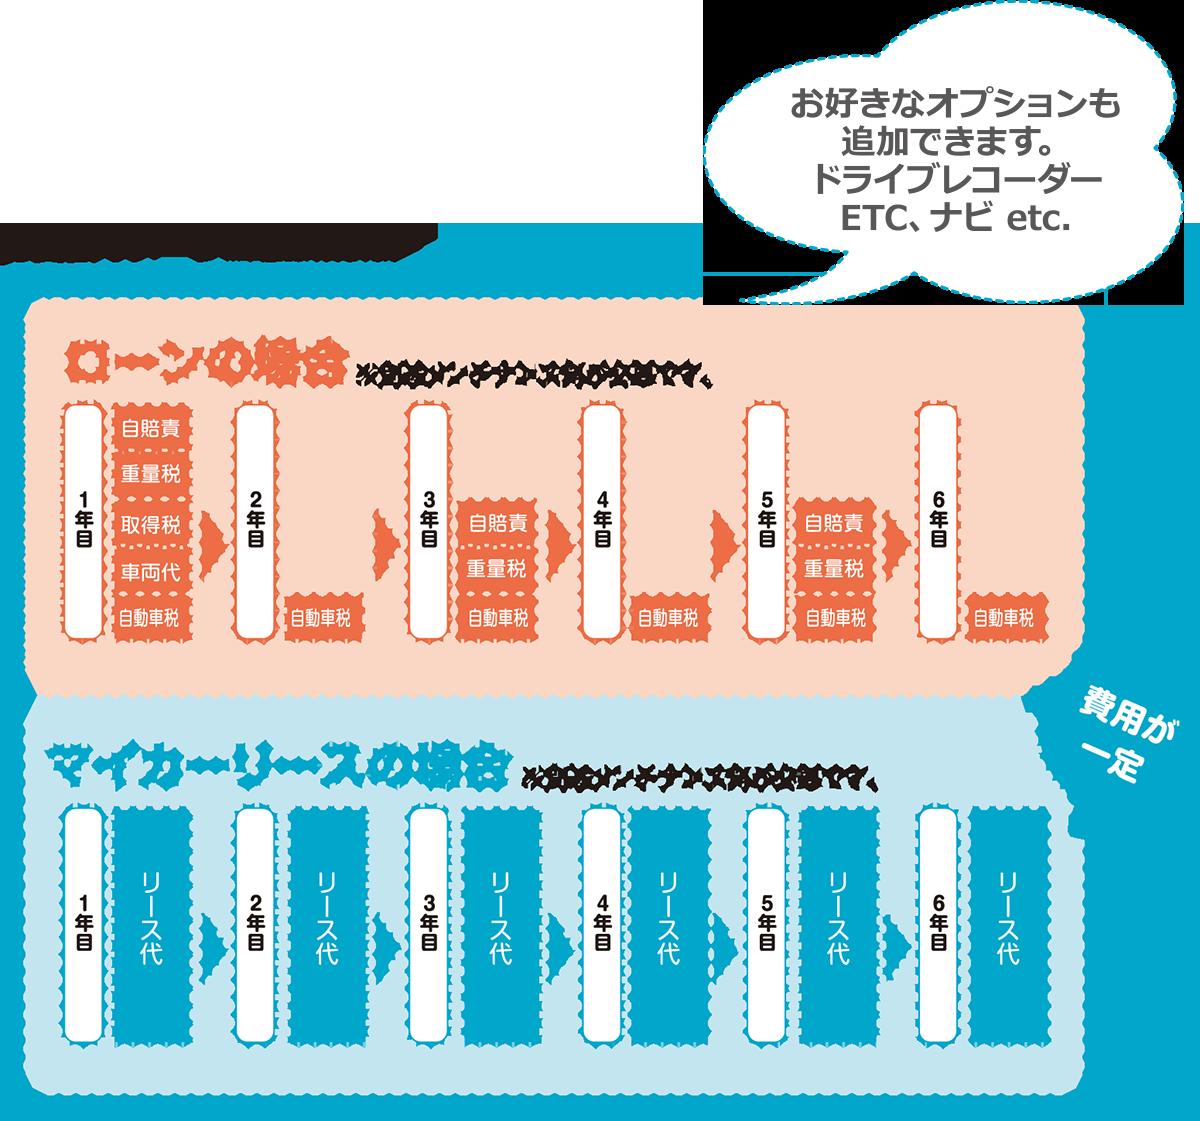 お支払いのイメージ図。マイカーリースの場合、費用が一定。お好きなオプションも追加できます。ドライバーレコーダー、ETC,ナビ etc.